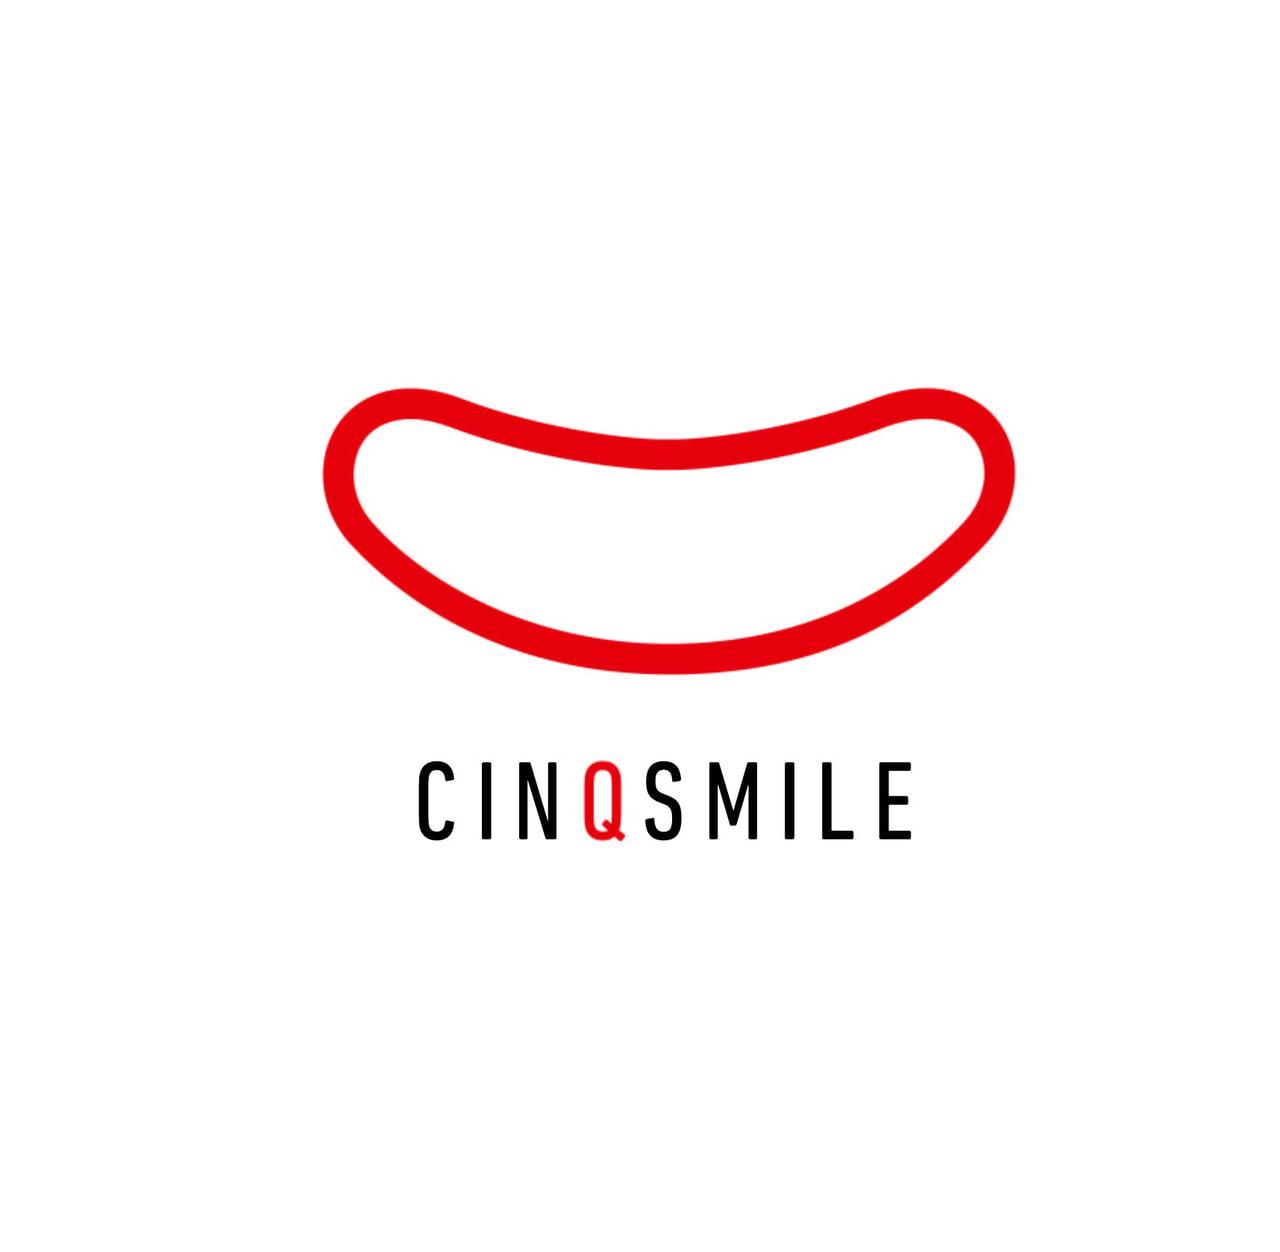 ロゴ:株式会社シンクスマイル